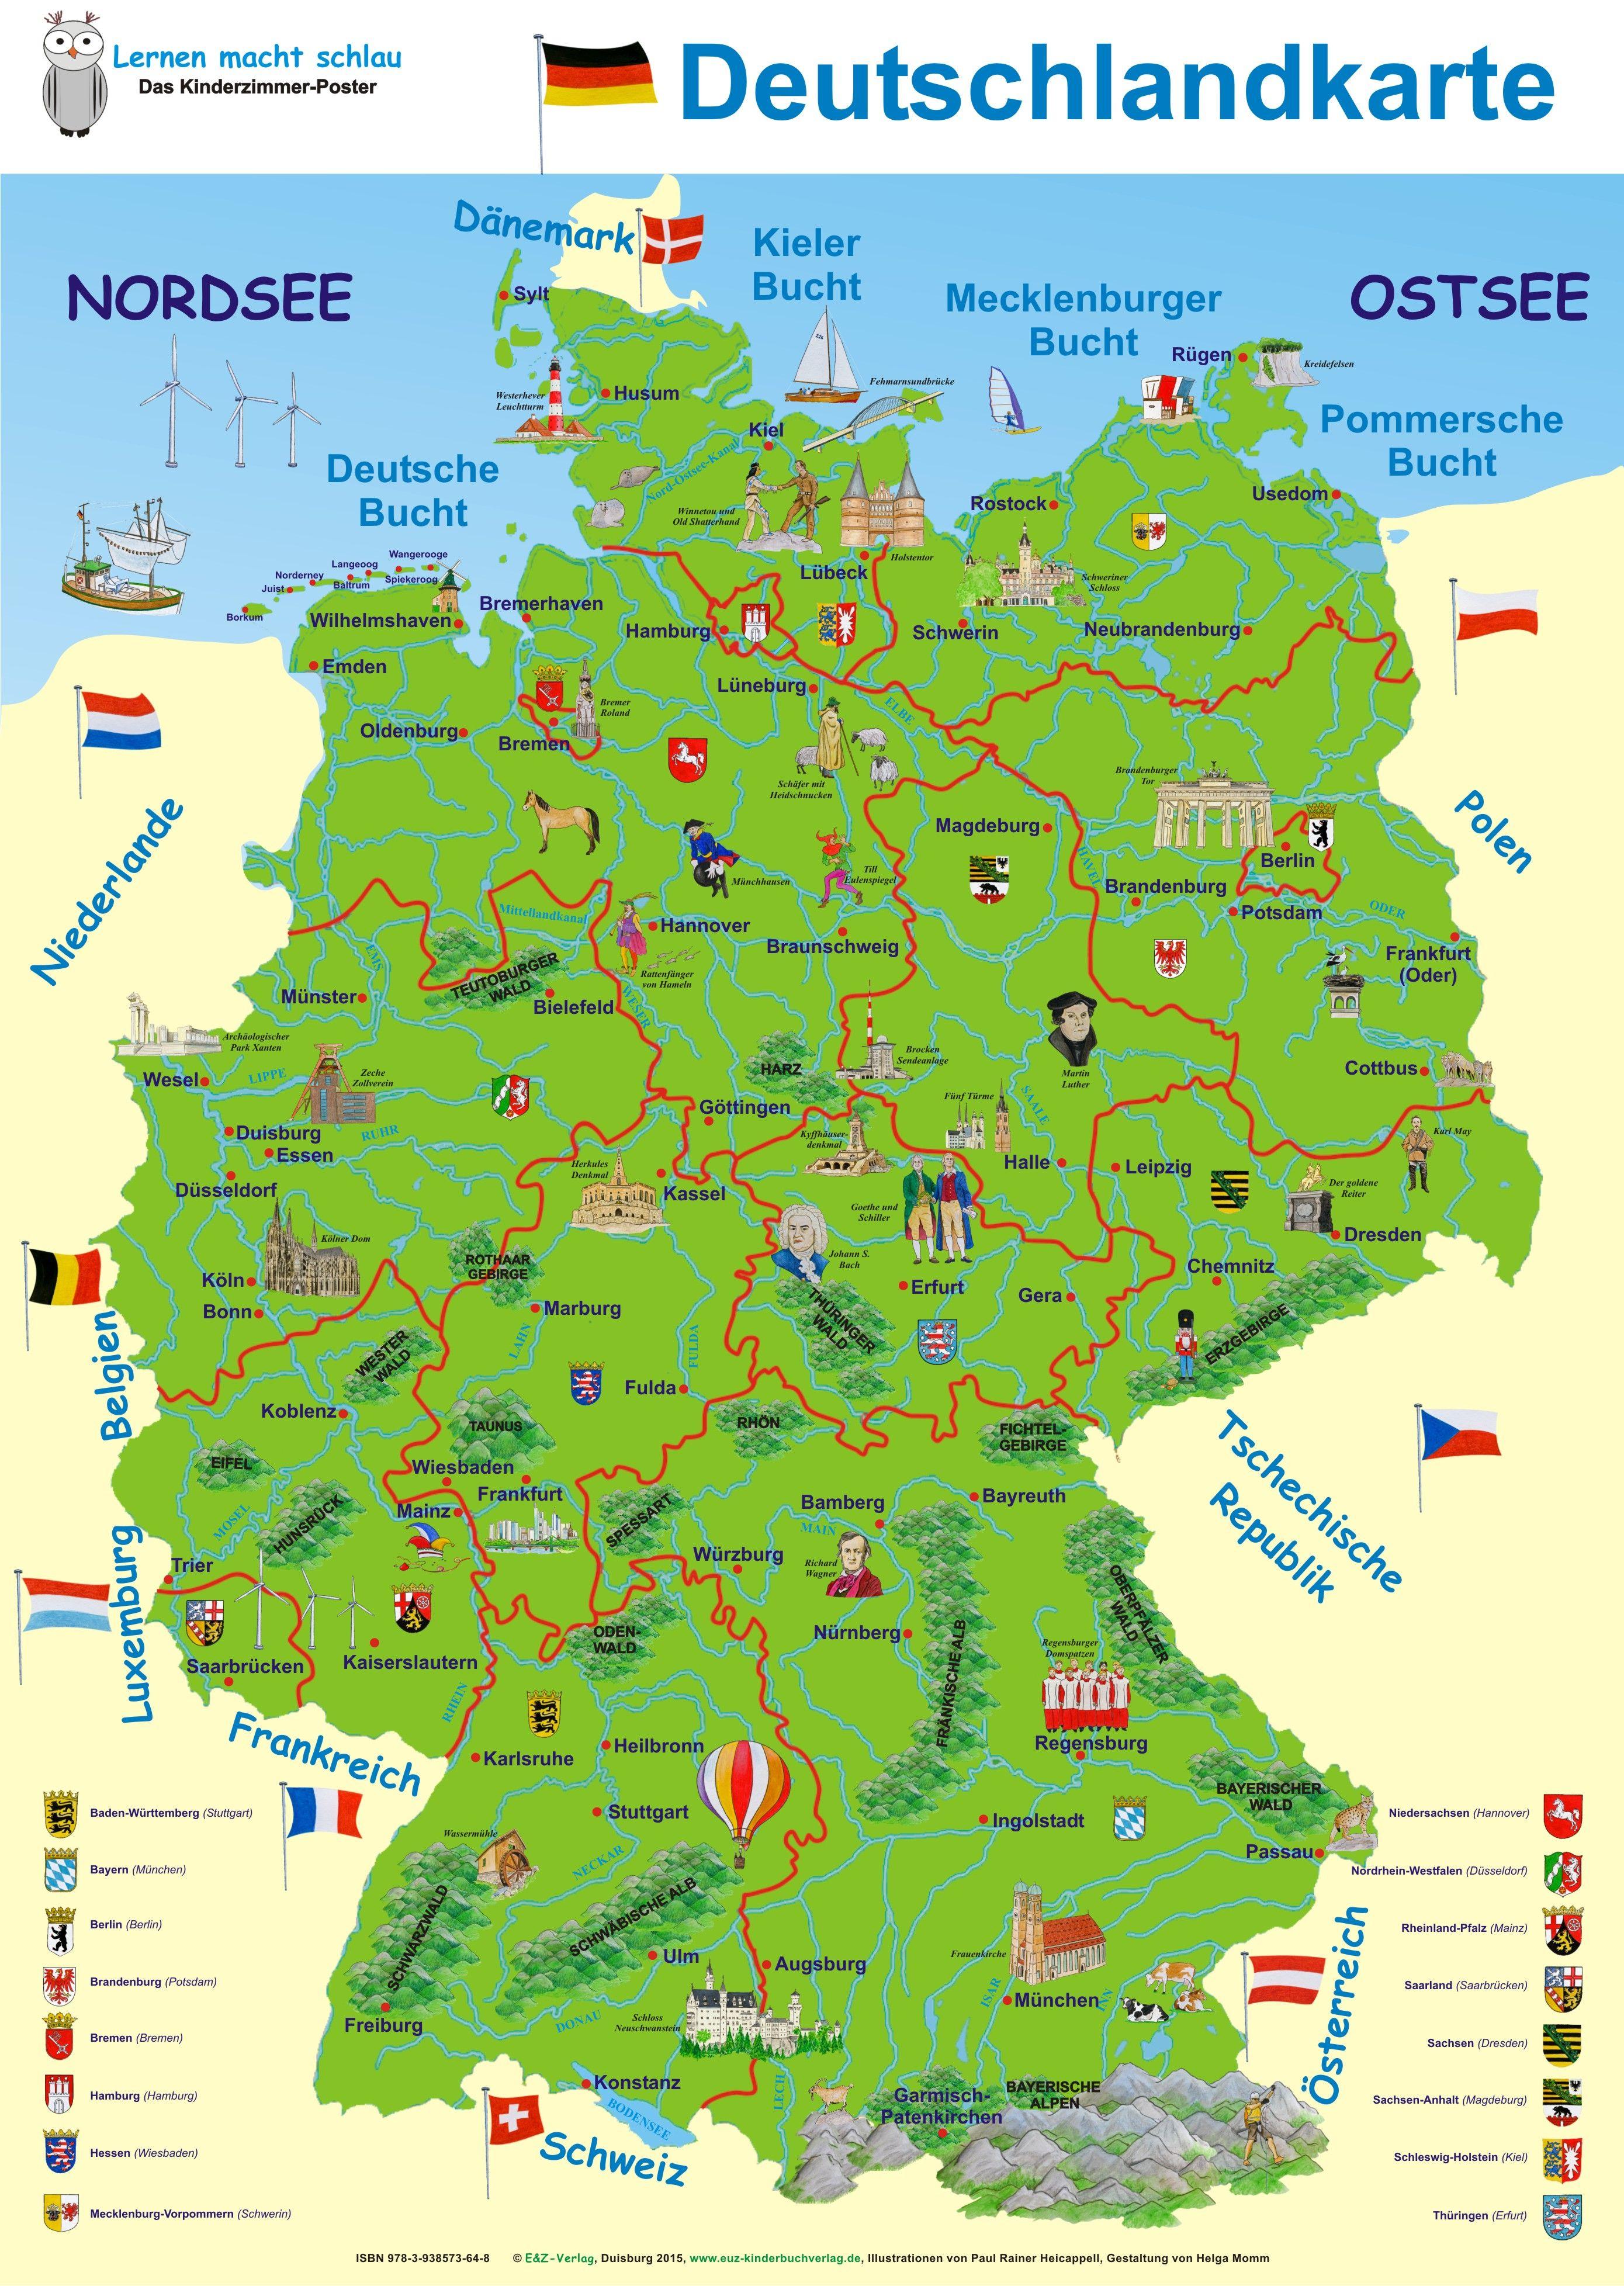 Pin Von Khalid Zakarneh Auf Mix In 2020 Deutschlandkarte